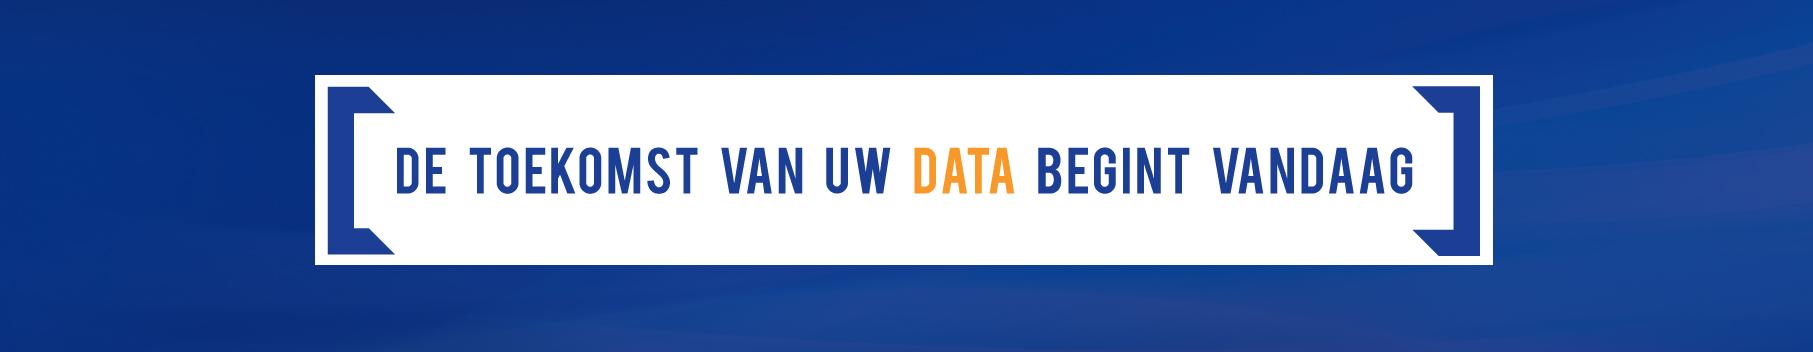 STRONGROOM - DATA MATTERS - De toekomst van uw data begint vandaag